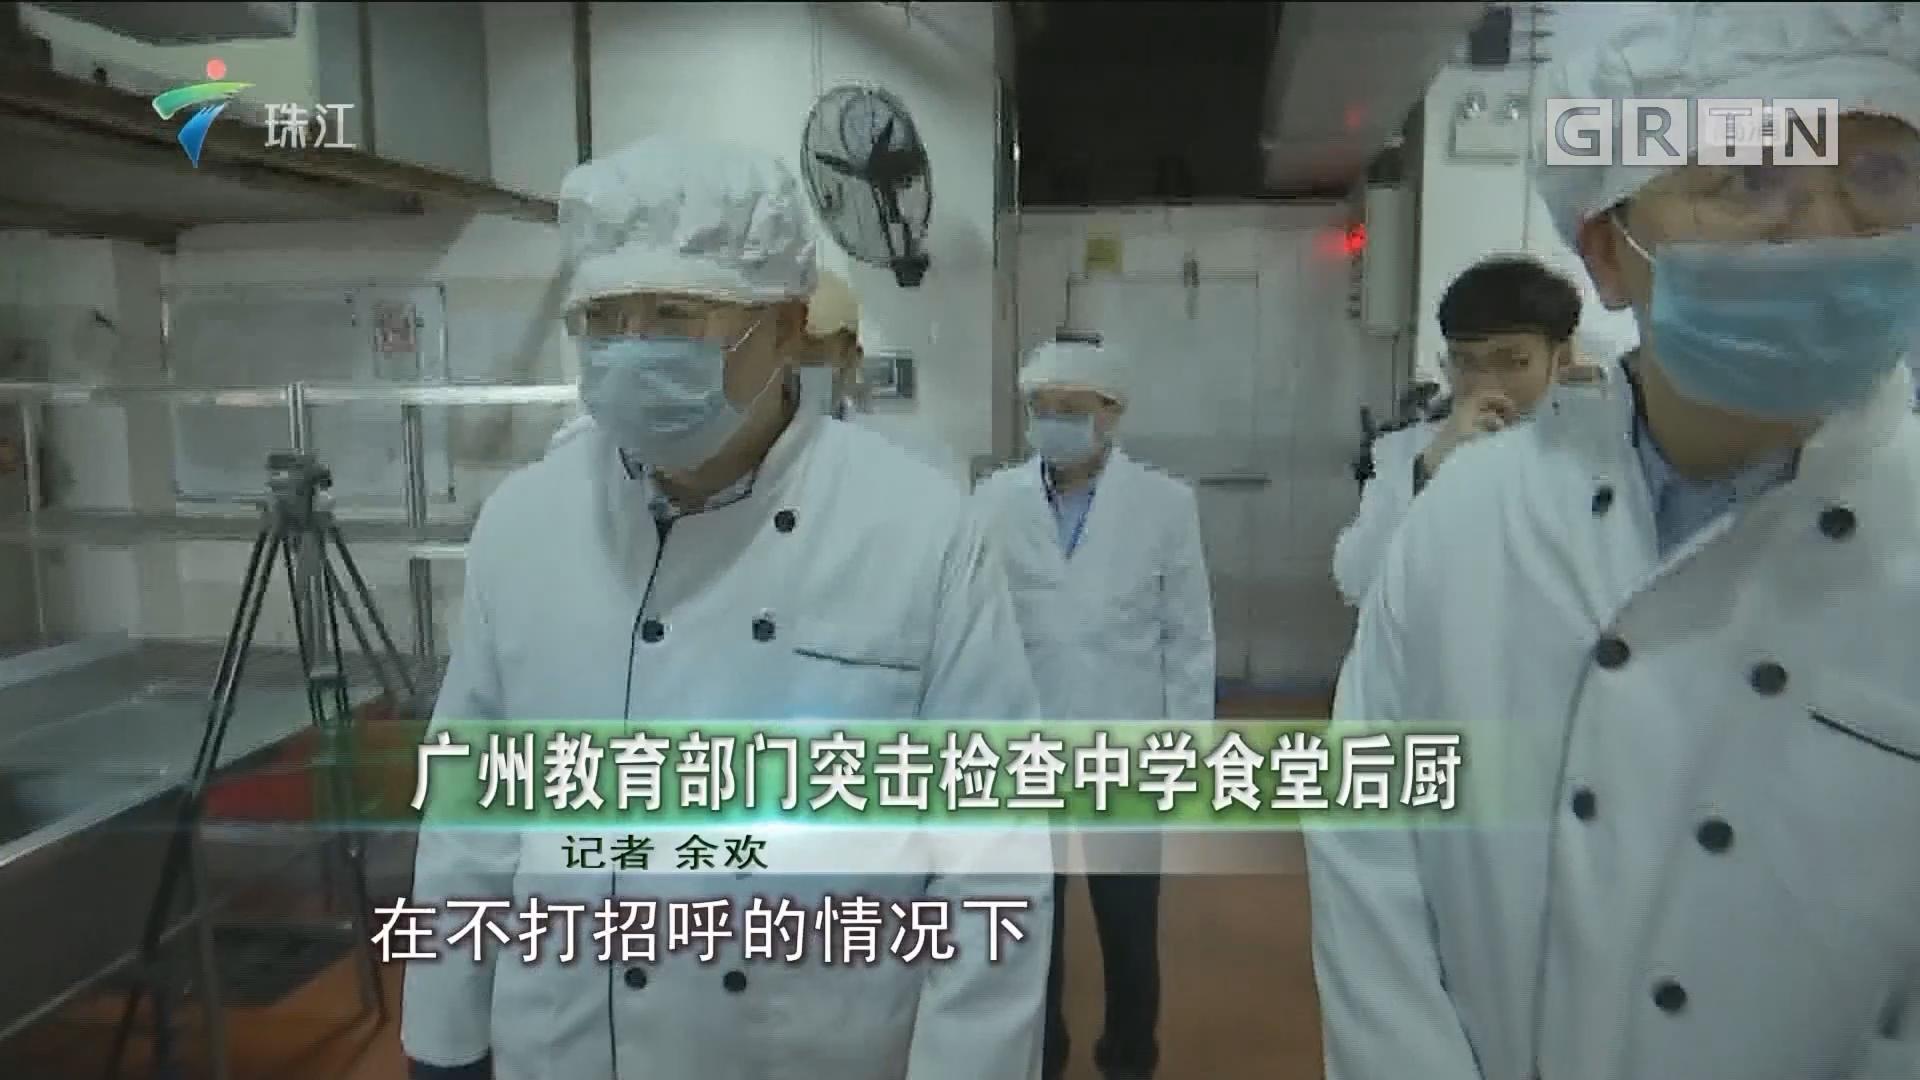 广州教育部门突击检查中学食堂后厨